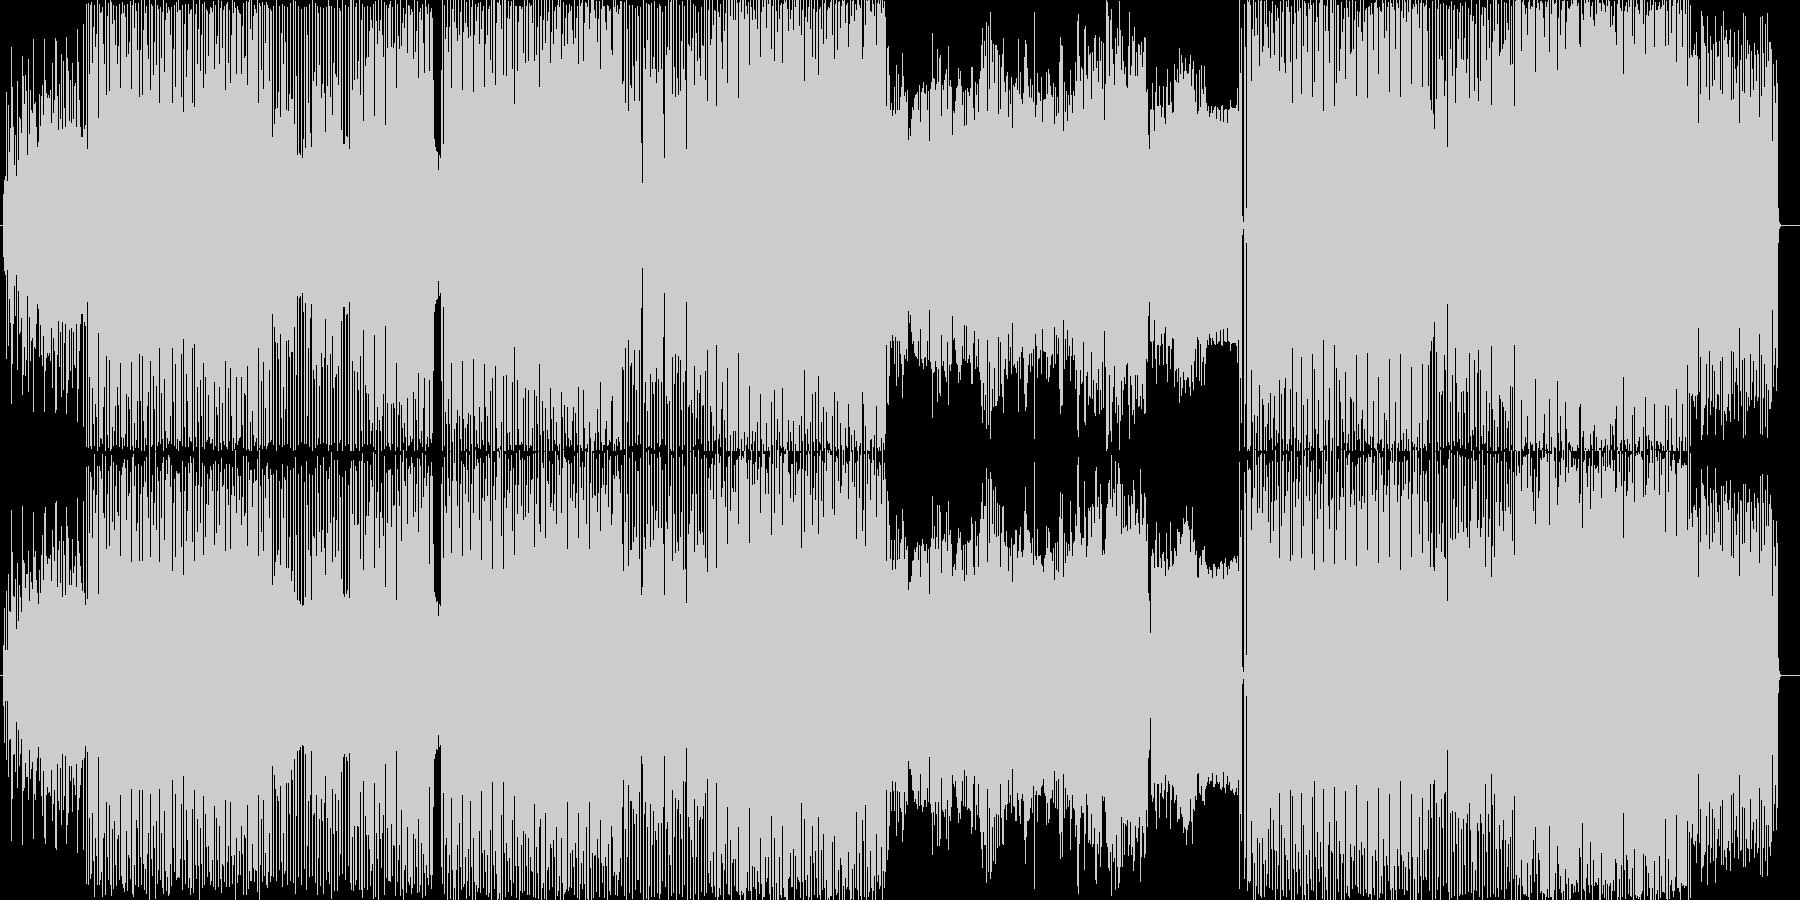 着音テクノです。今回の制作には携帯電話…の未再生の波形